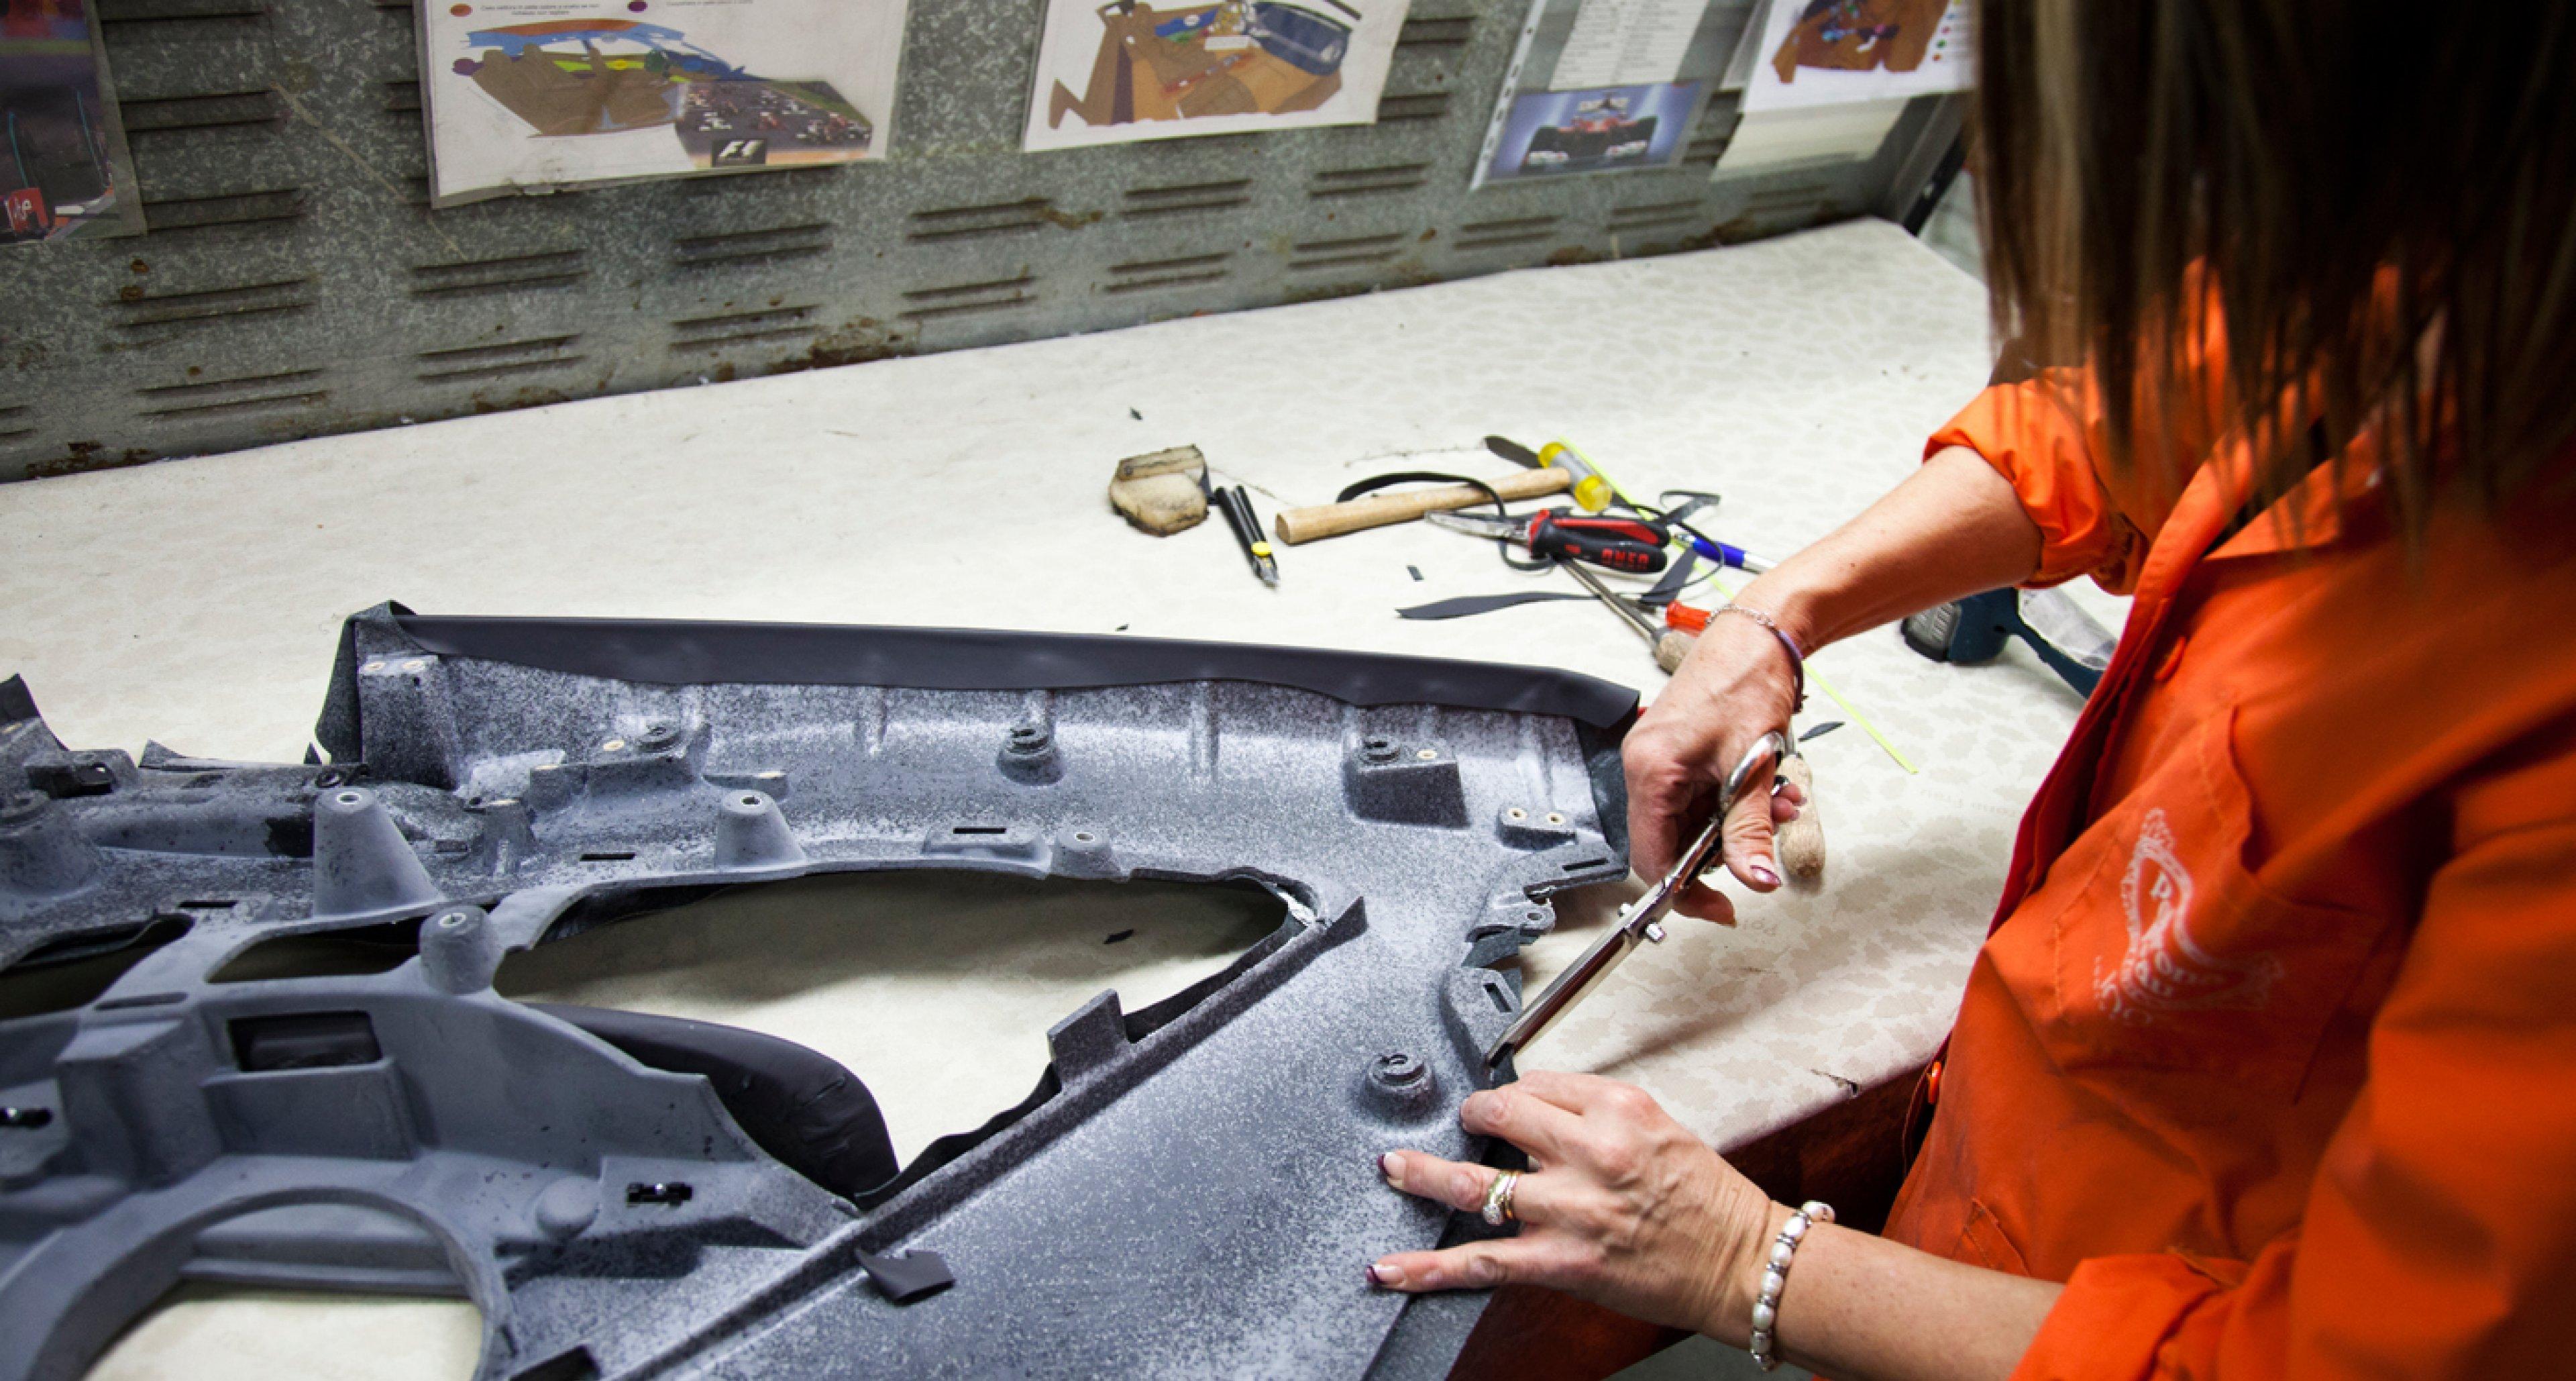 Preparing a Ferrari door at Poltrona Frau factory.